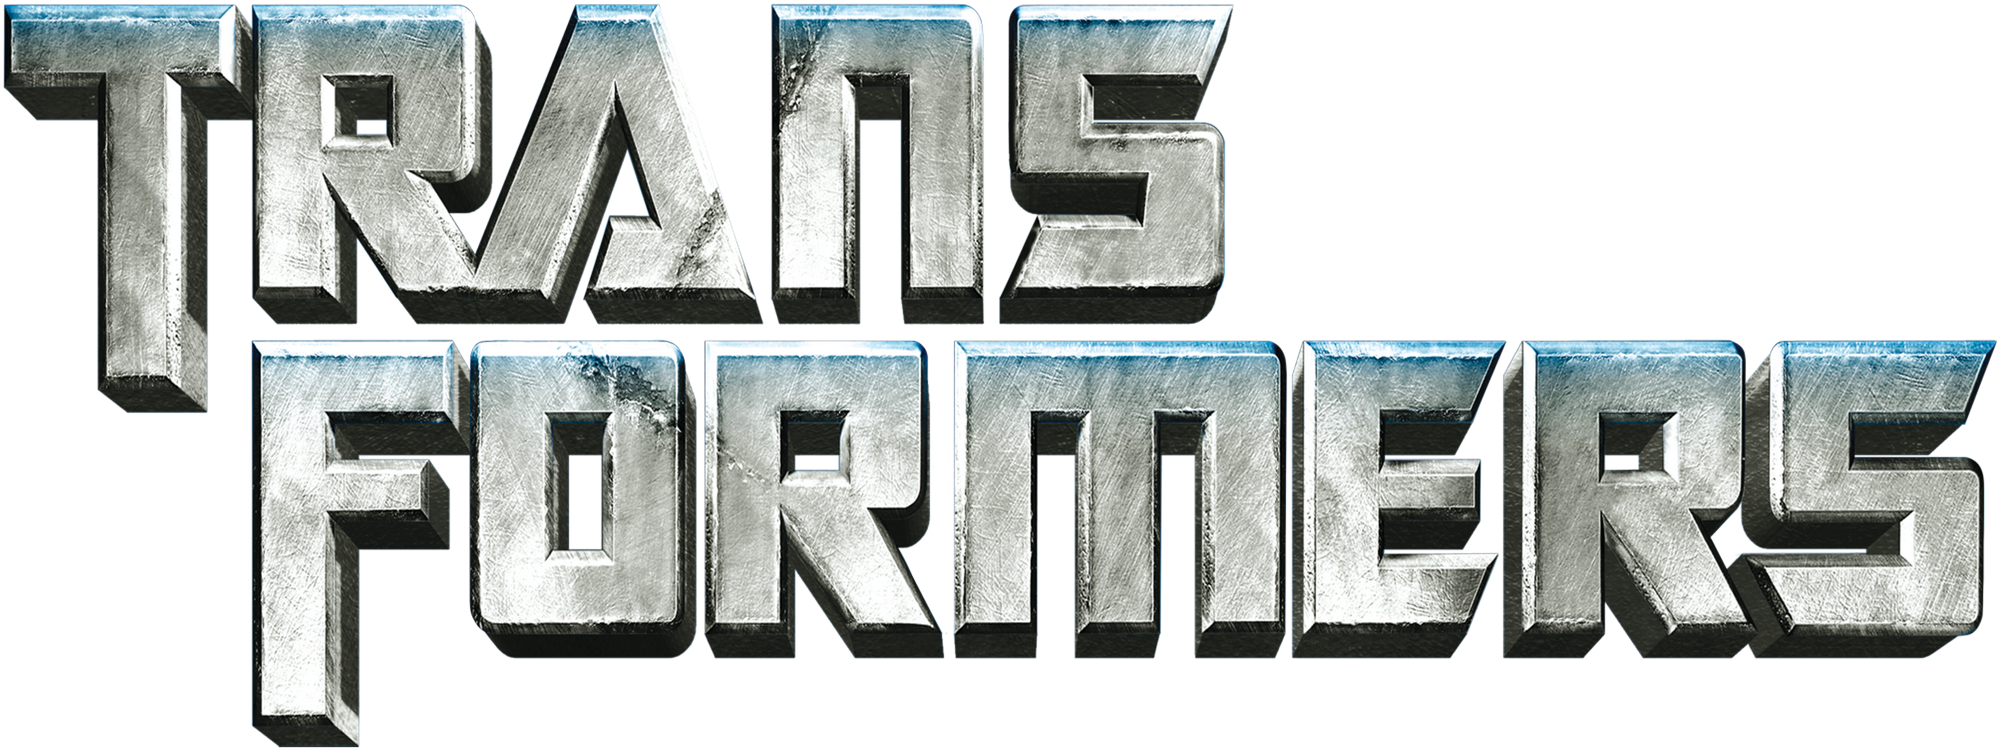 Transformers Logos PNG Image Transformer logo, Png